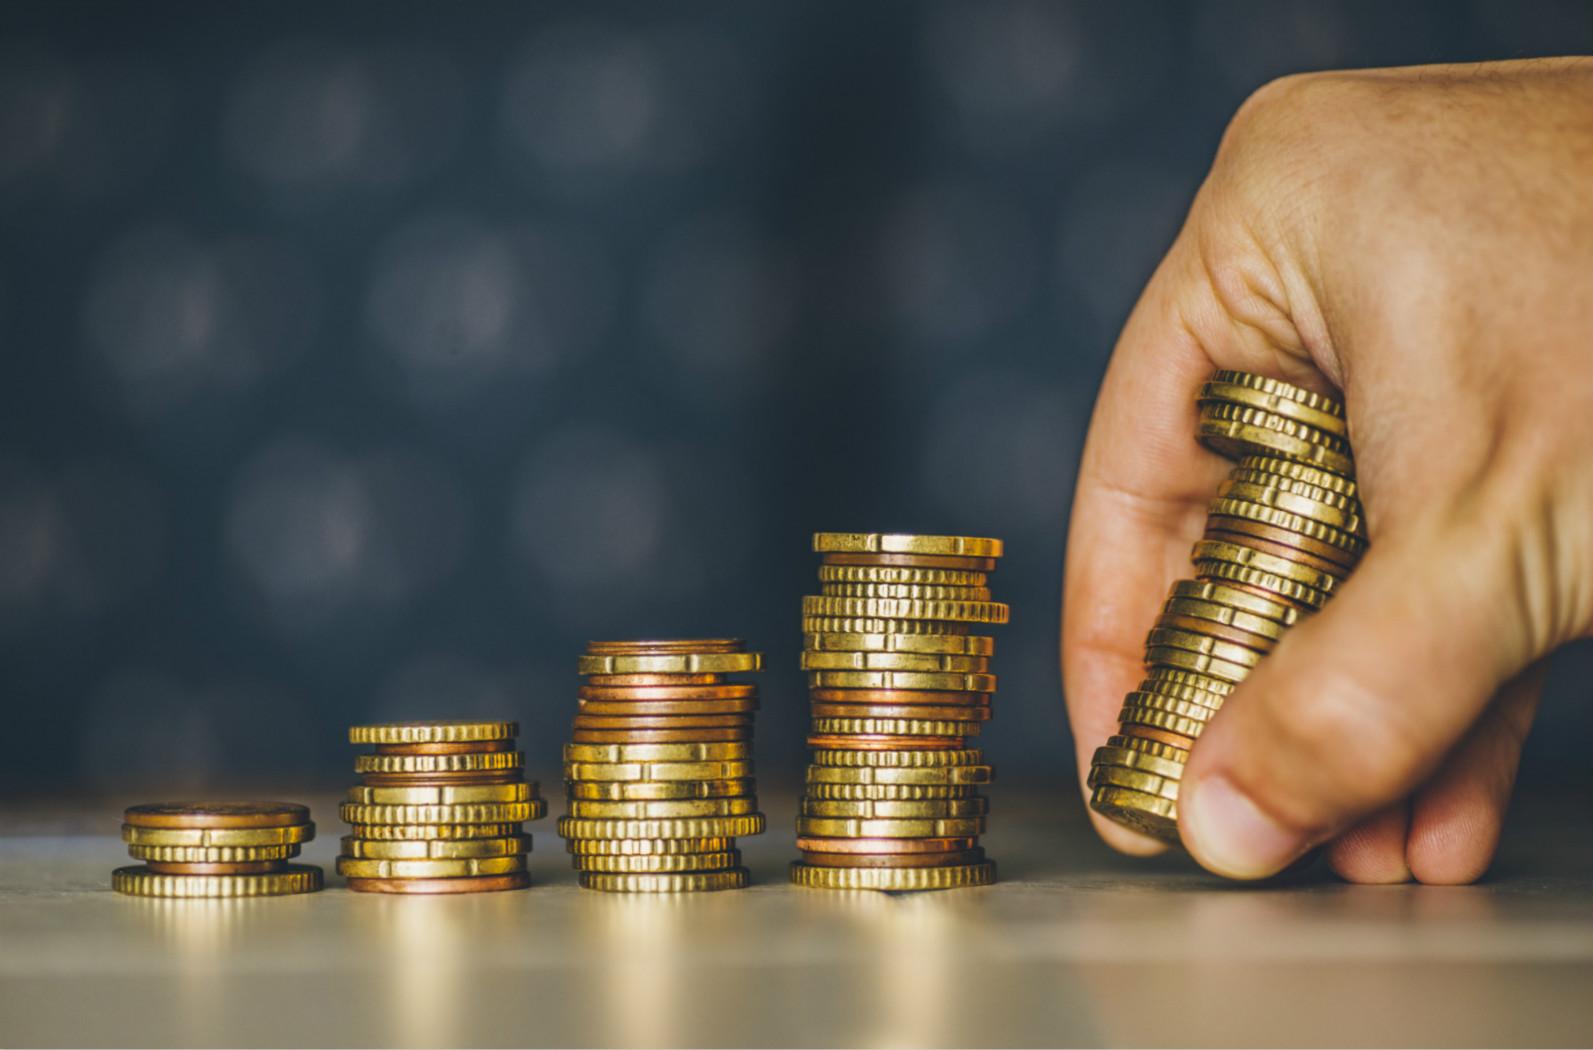 近来,央行发布了《非金融机构支付服务办理办法》(下称《办法》),对第